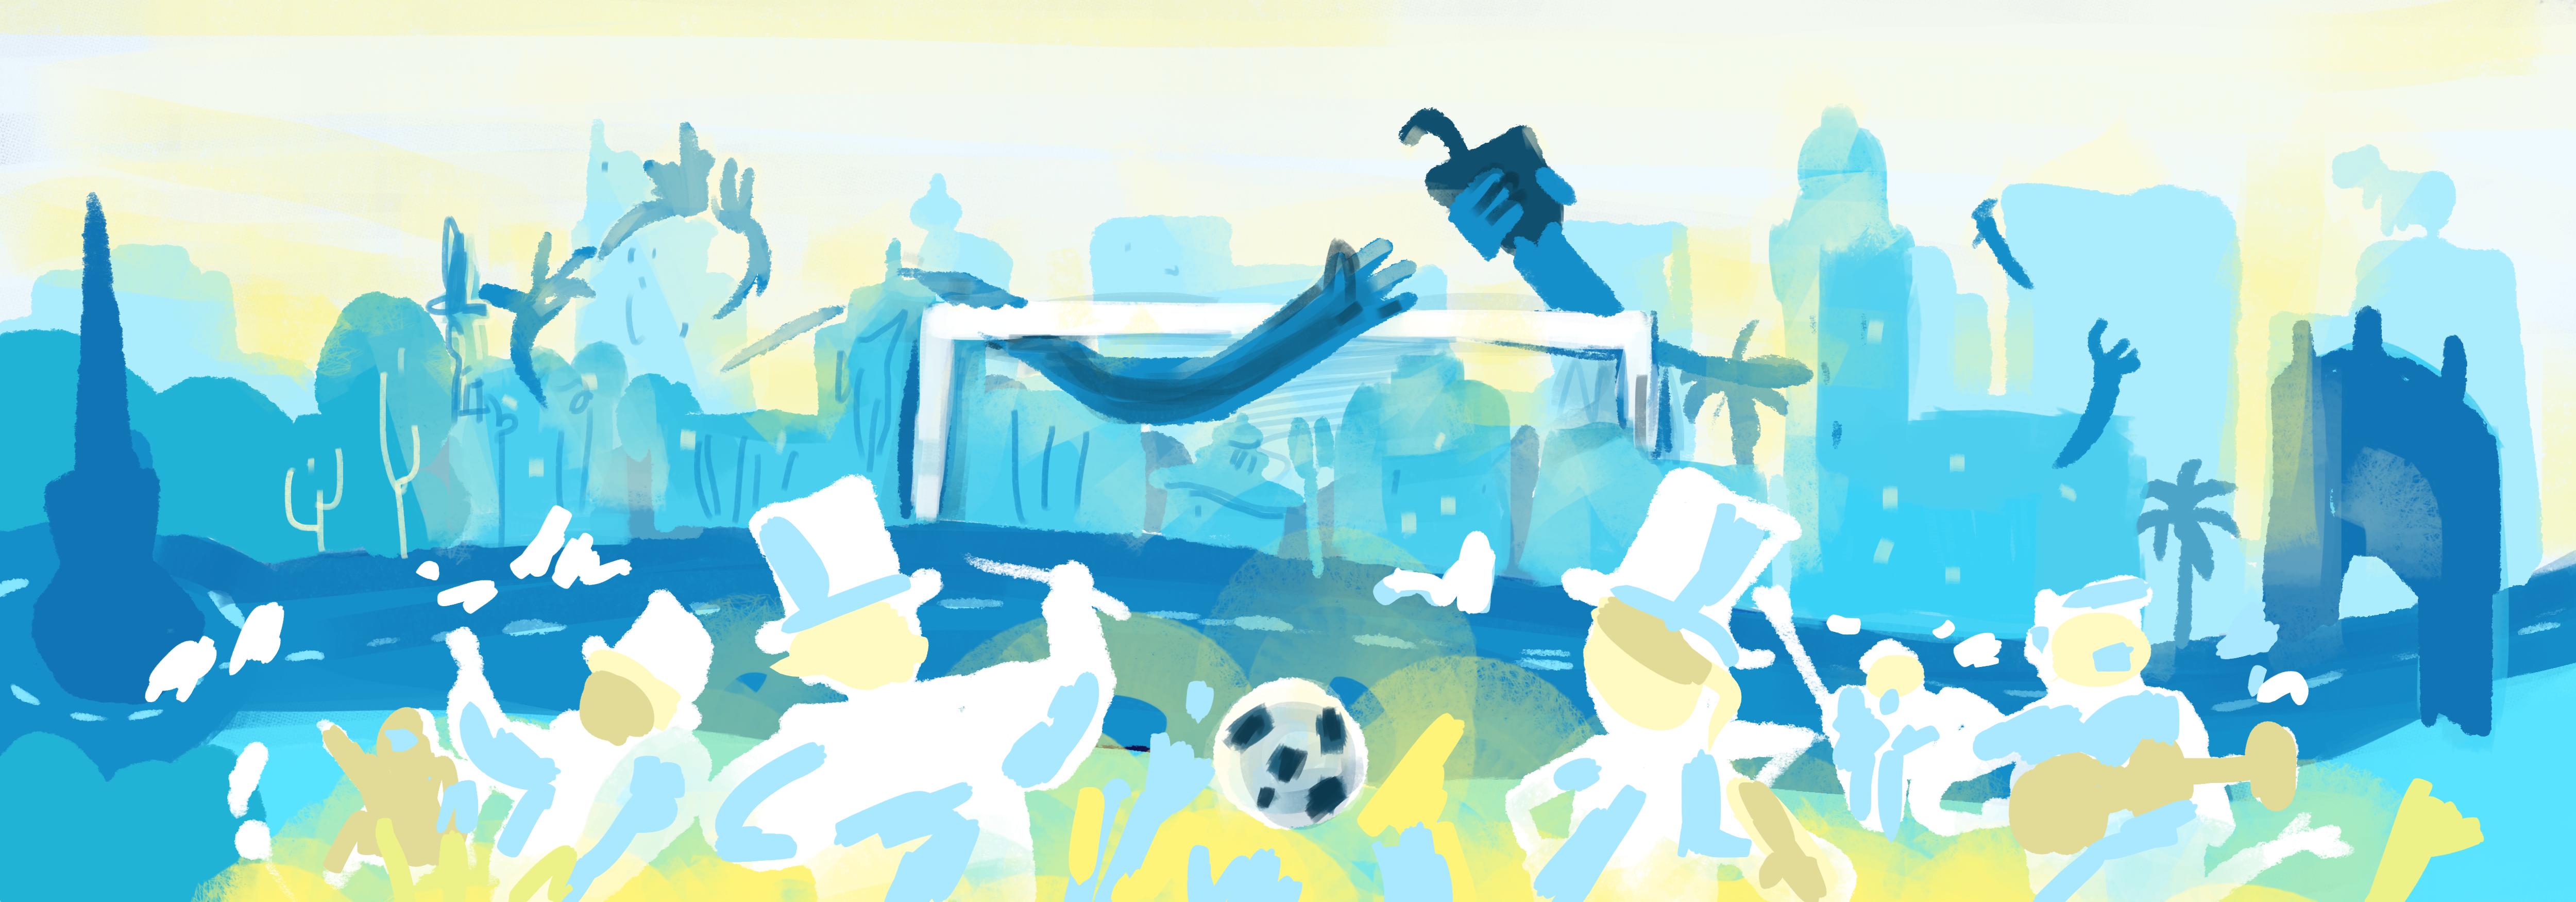 Uruguay World Cup Doodle Sketch